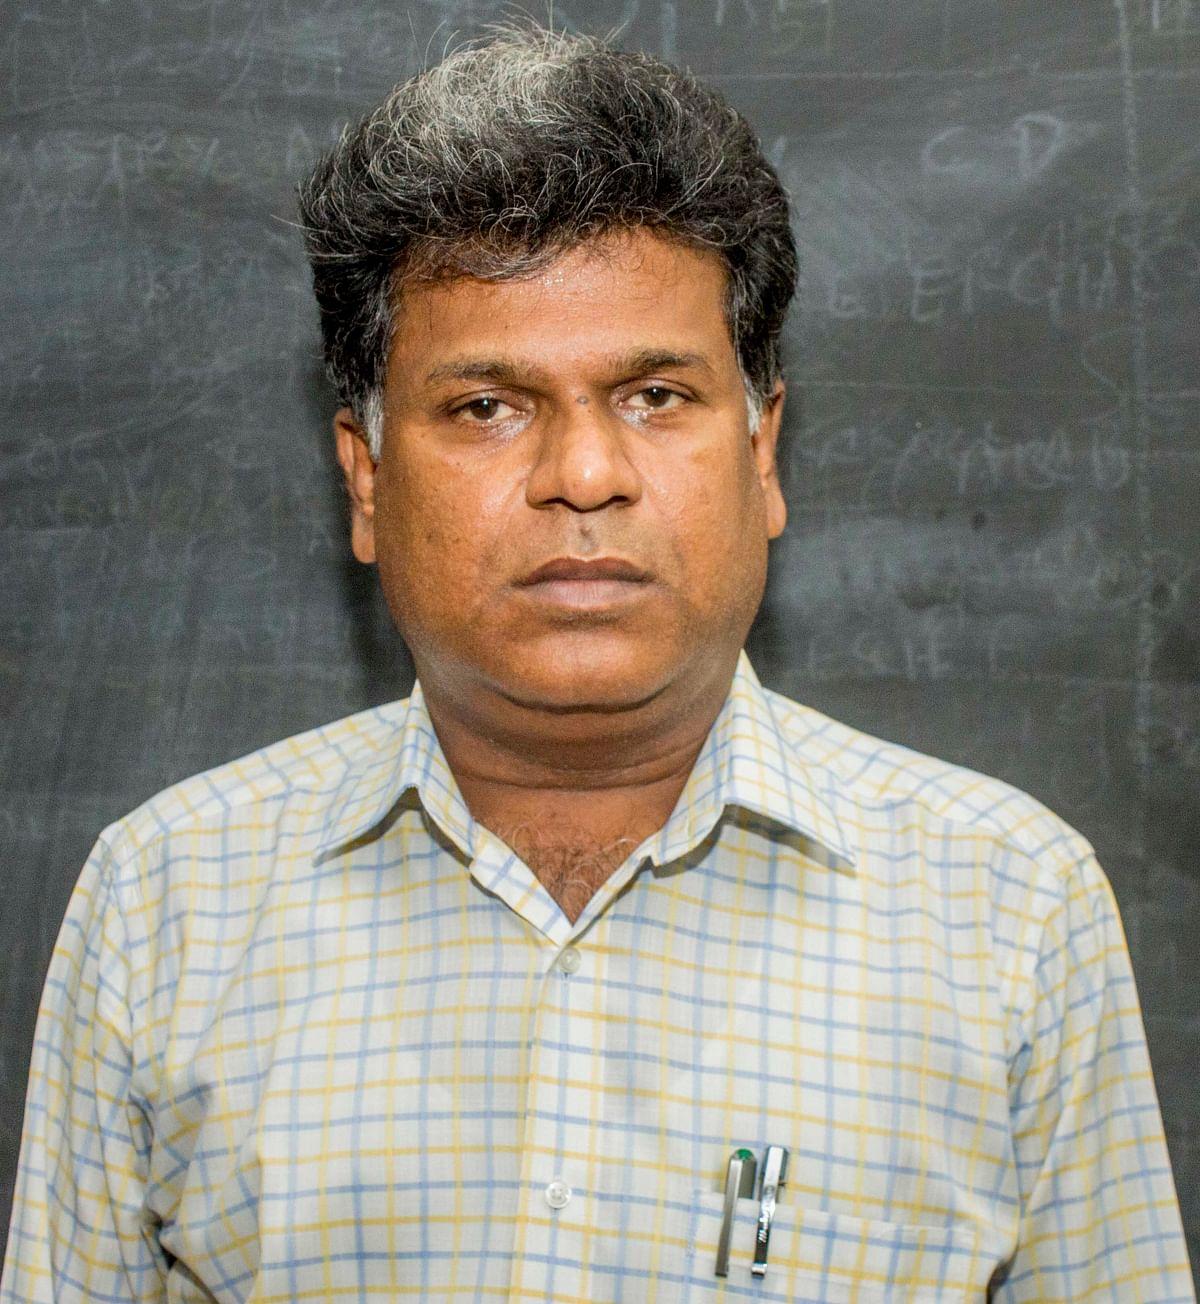 தஞ்சை மாவட்ட முதன்மைக் கல்வி அலுவலர் ராமகிருஷ்ணன்